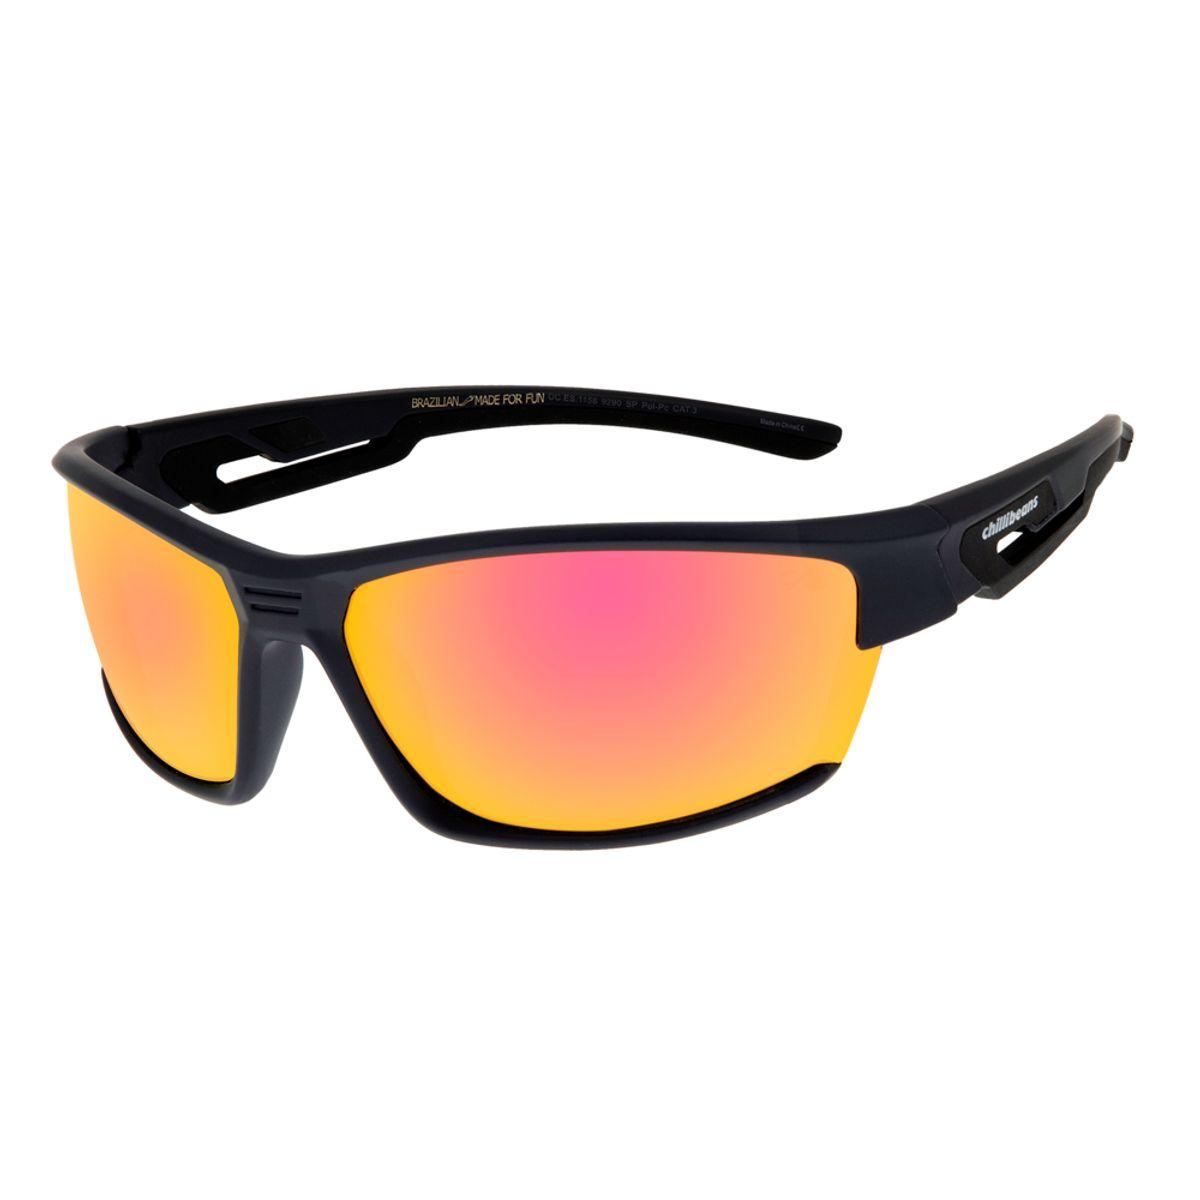 769d77f45 Óculos de Sol Masculino Esportivo Chilli Beans Azul 1158 - OC.ES.1158.9290  M. REF: OC.ES.1158.9290. OC.